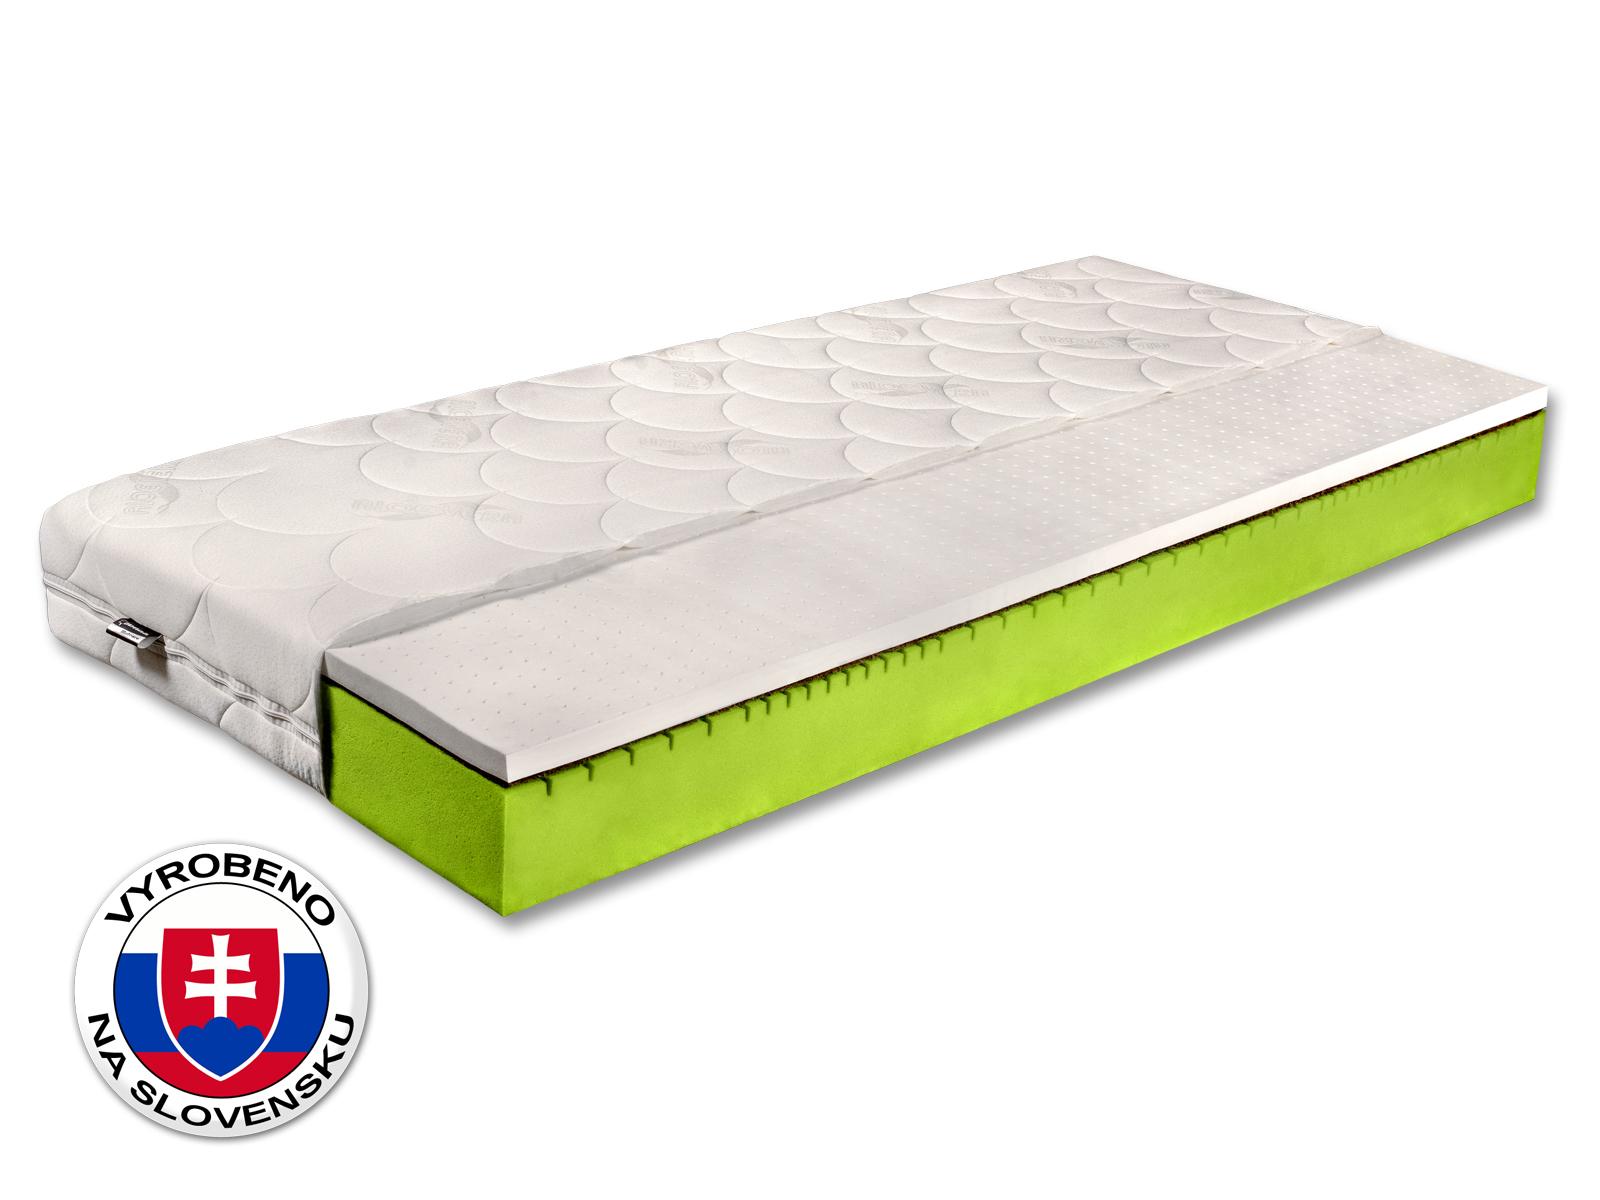 Pěnová matrace - Benab - Natural - 200x80 cm (T3/T4). Prodyšná, anatomická, oboustranná matrace z vysoce pružné BIO studené pěny, s přírodní kokosovou deskou, pro nejnáročnější. Vyrobená na Slovensku.